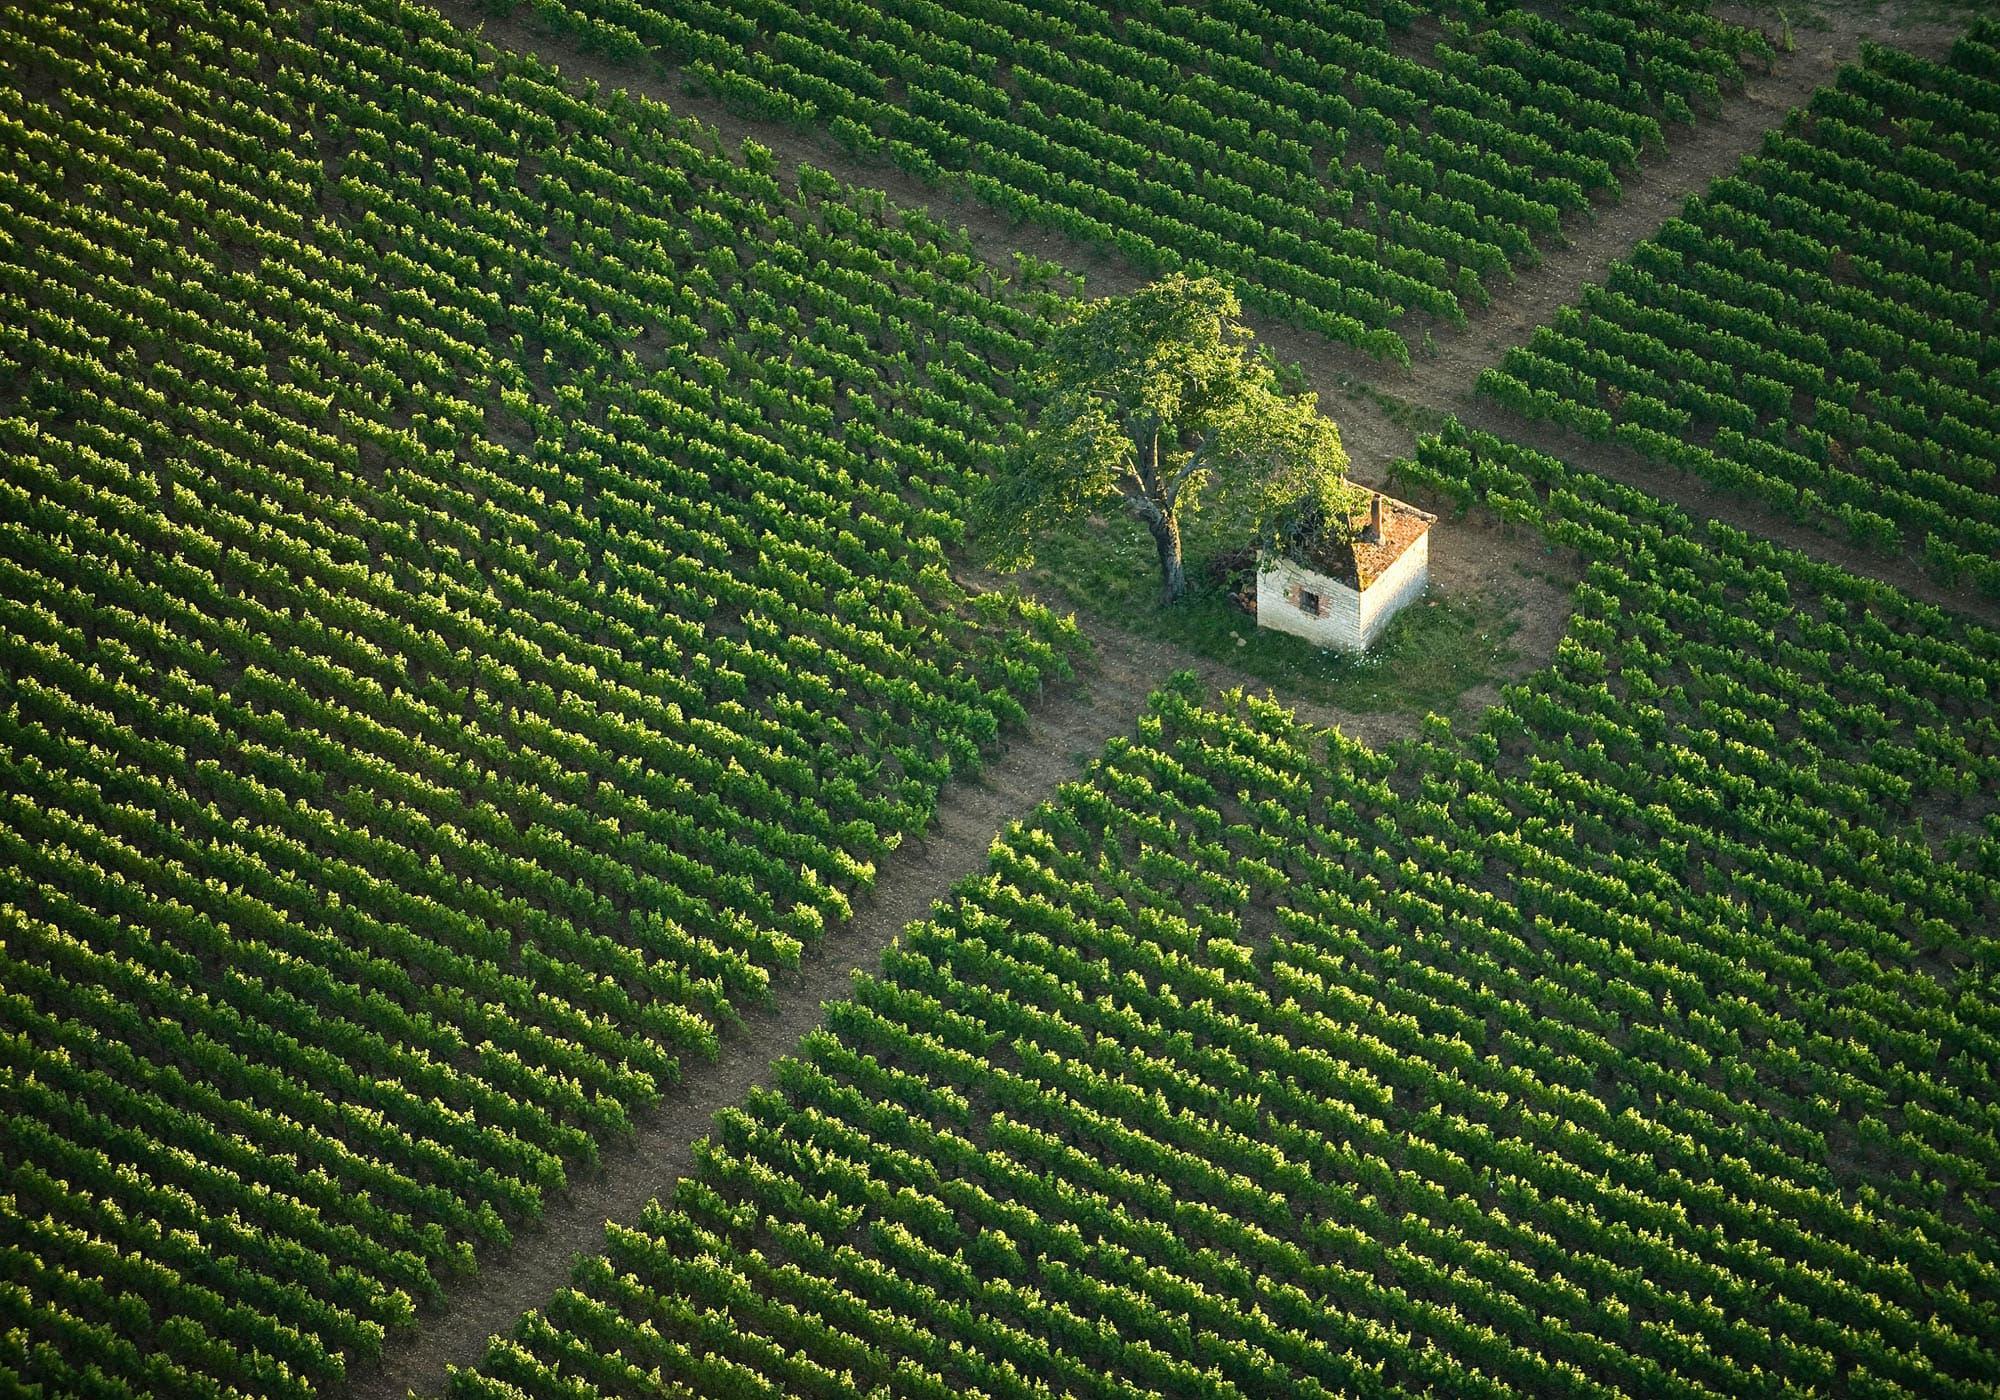 Parcelle de vignoble en Côte d'Or inscrite à l'UNESCO